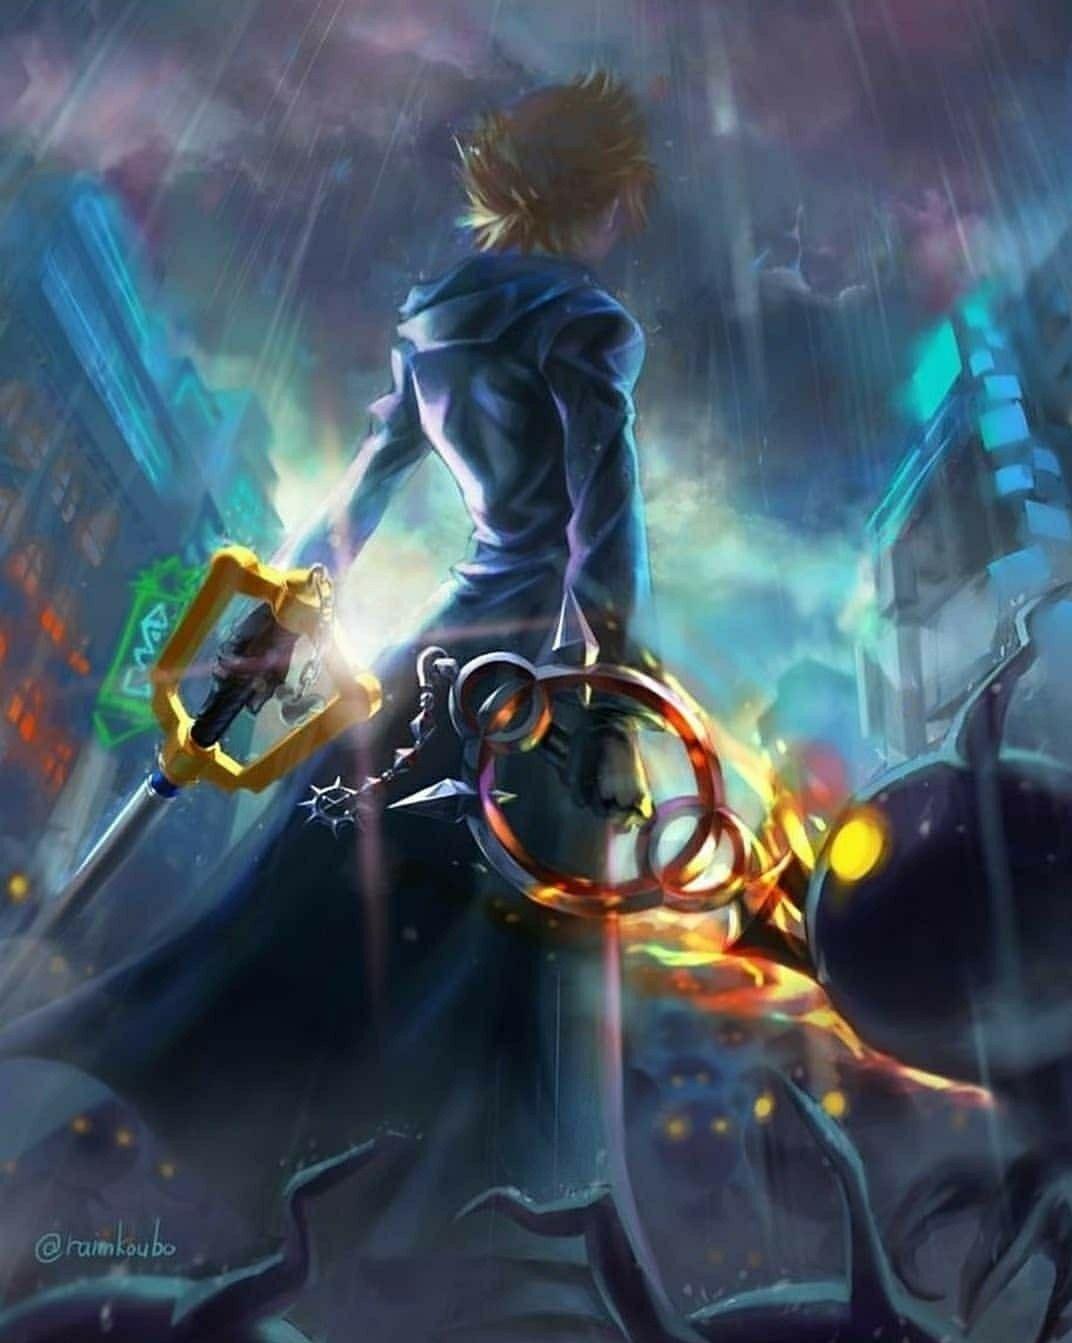 Pin By Naruto On Roxas Kingdom Hearts Wallpaper Kingdom Hearts Fanart Roxas Kingdom Hearts